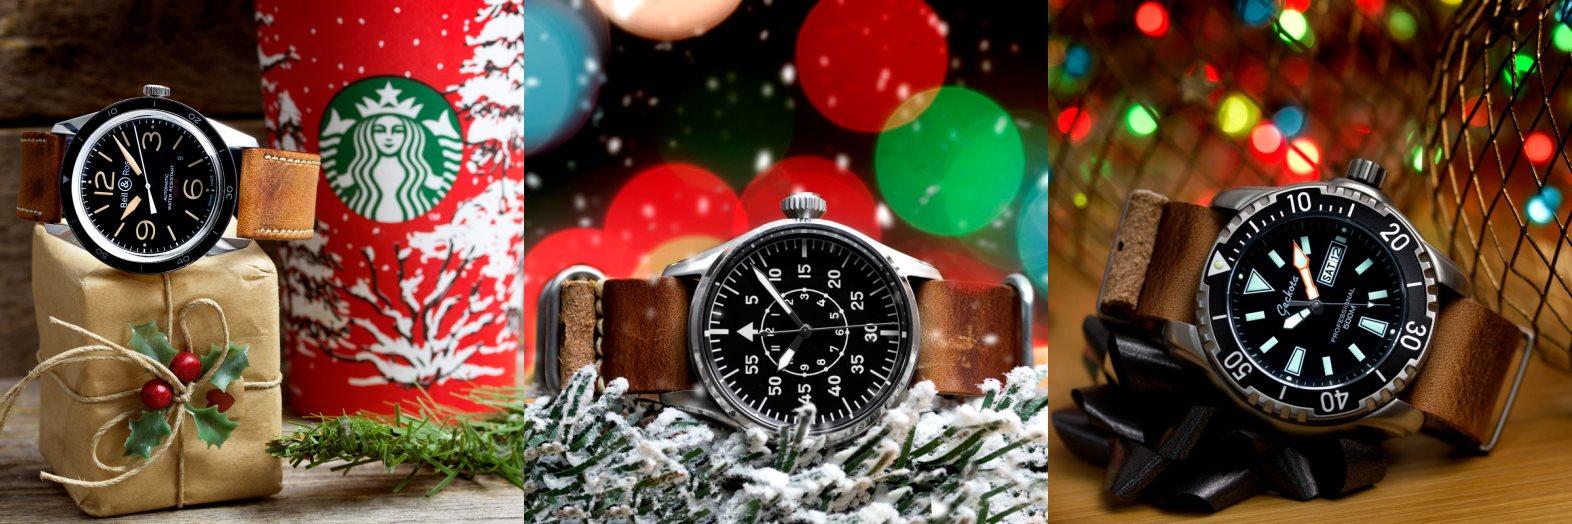 Name:  WUS Christmas.jpg Views: 423 Size:  189.3 KB